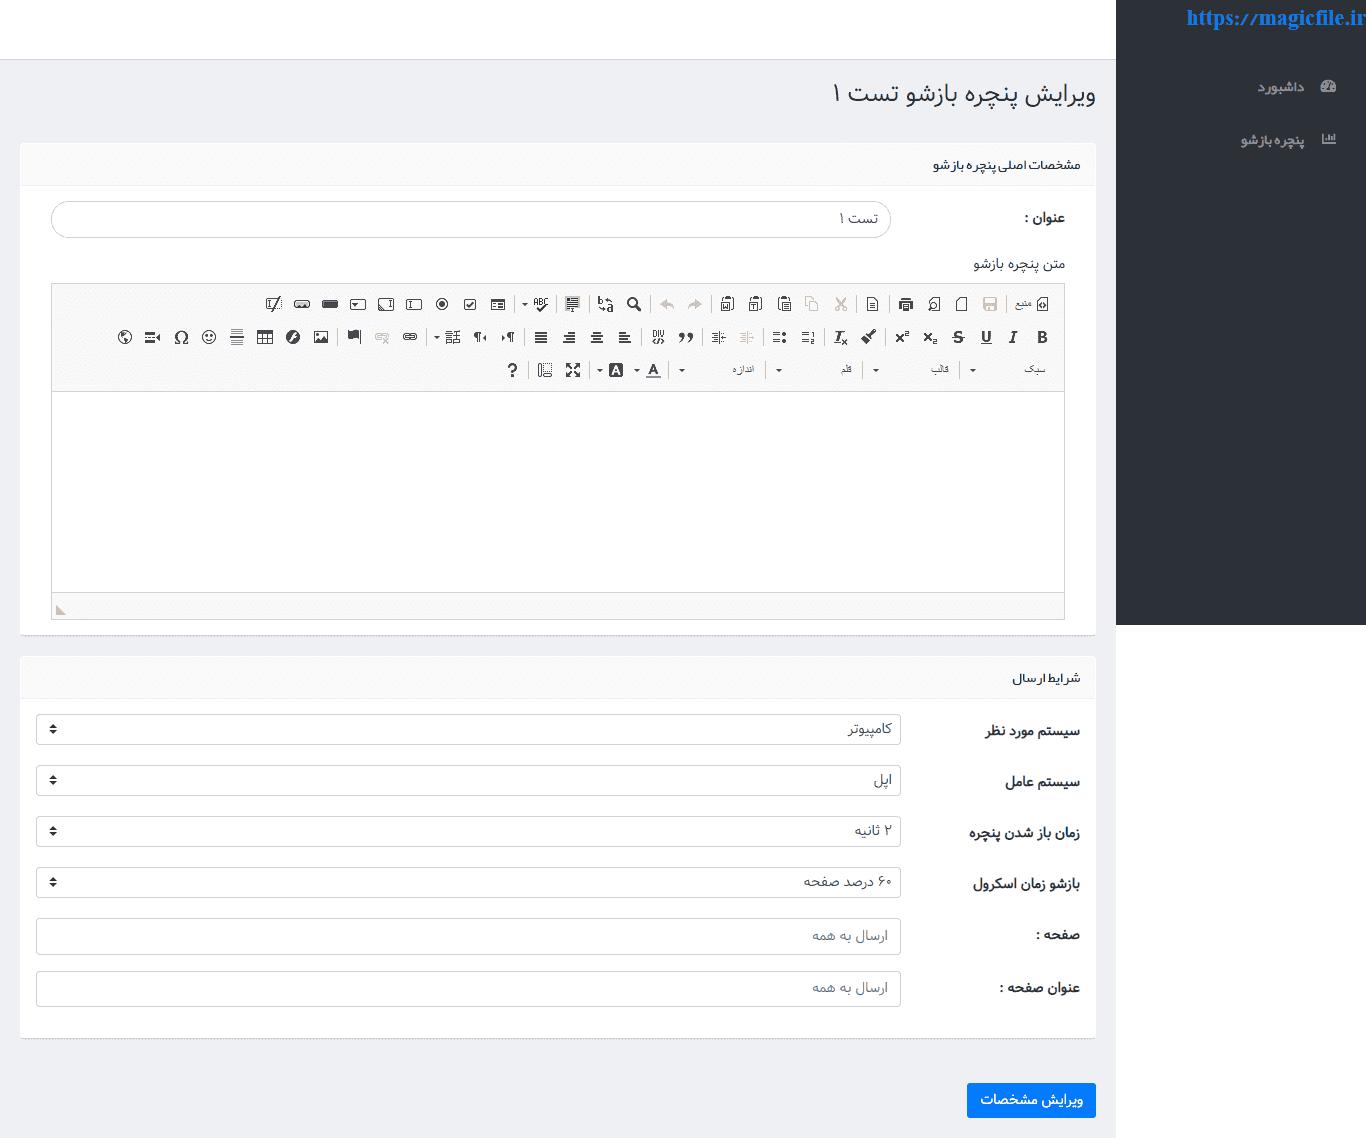 اسکریپت ایجاد پاپ آپ (pop up) با امکانات بهتر و فارسی 3